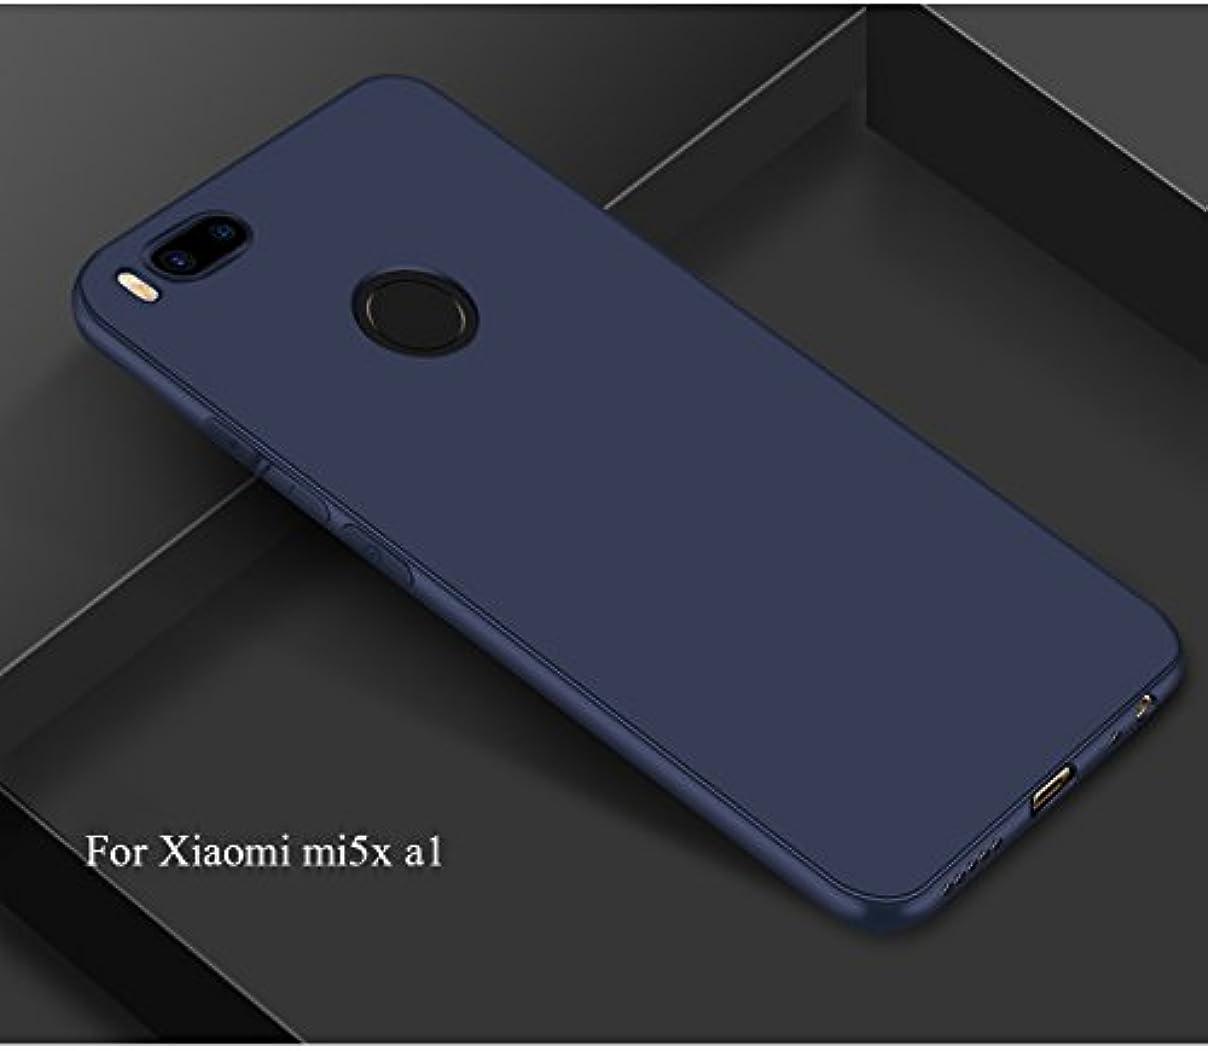 体系的に大きいミスペンドJicorzo - 小米科技MI6 MI 6 M6用小米科技マイル5倍Mi5x電話カバー用1ケース超薄型フロストソフトシリコンTPUケースA1小米科技マイル